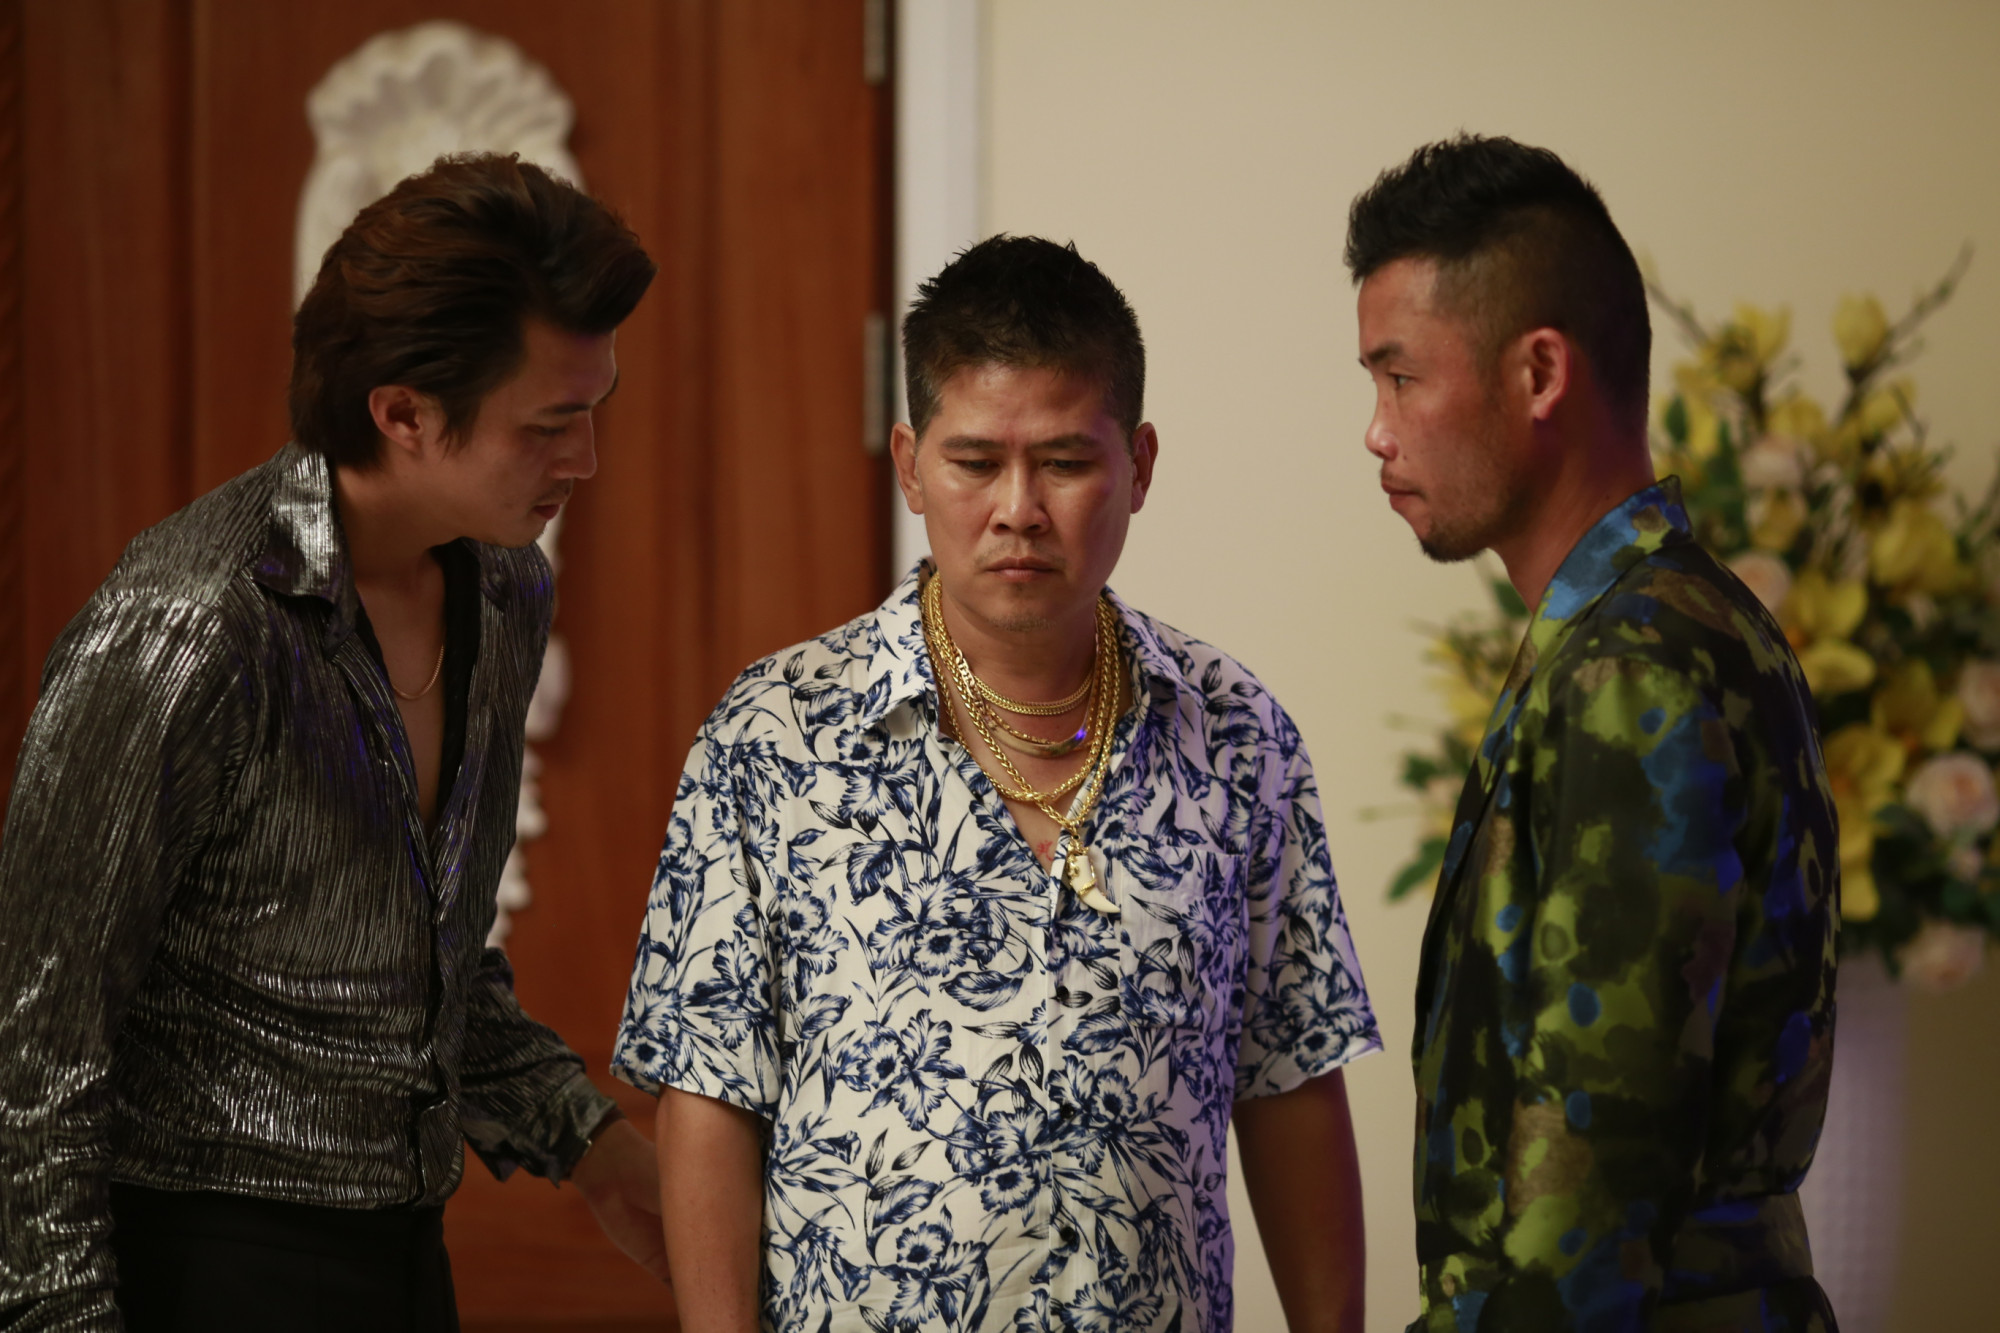 3 nam diễn viên chính của phim (từ trái sang gồm Hà Việt Dũng, Phước Sang và Hiệp Gà